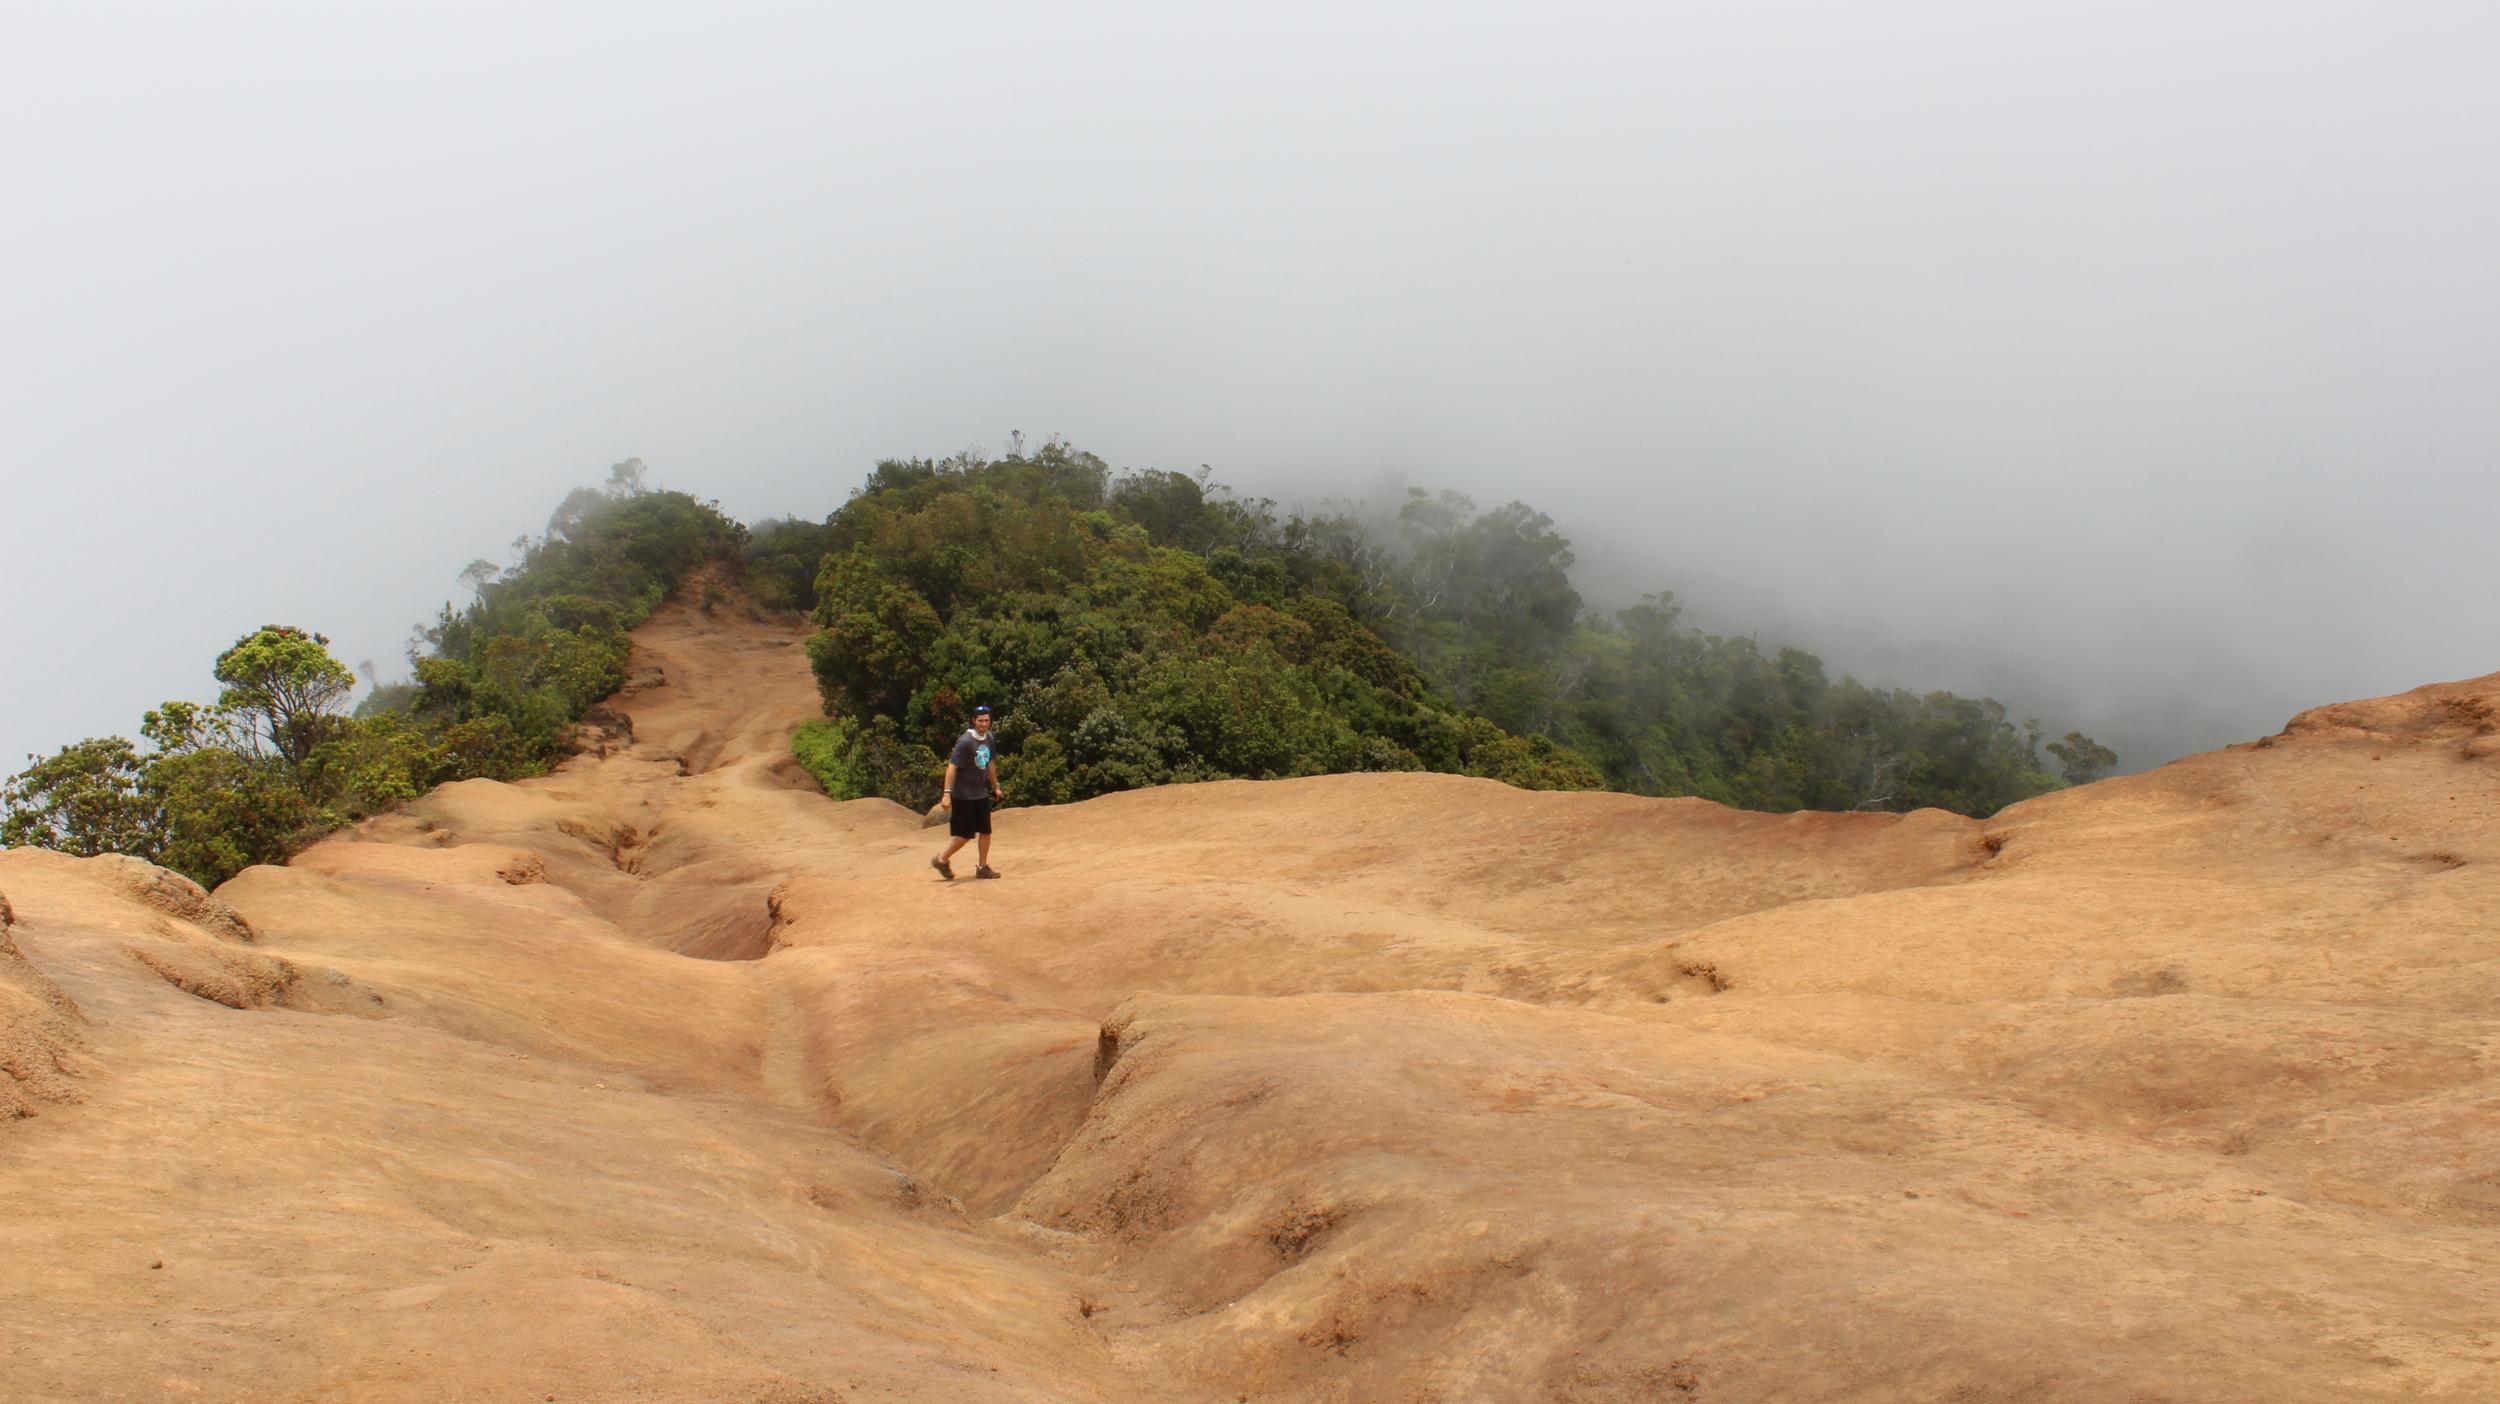 Waimea Canyon - Pu'u O Kila Lookout in Kauai, Hawaii // via Jitney's Journeys